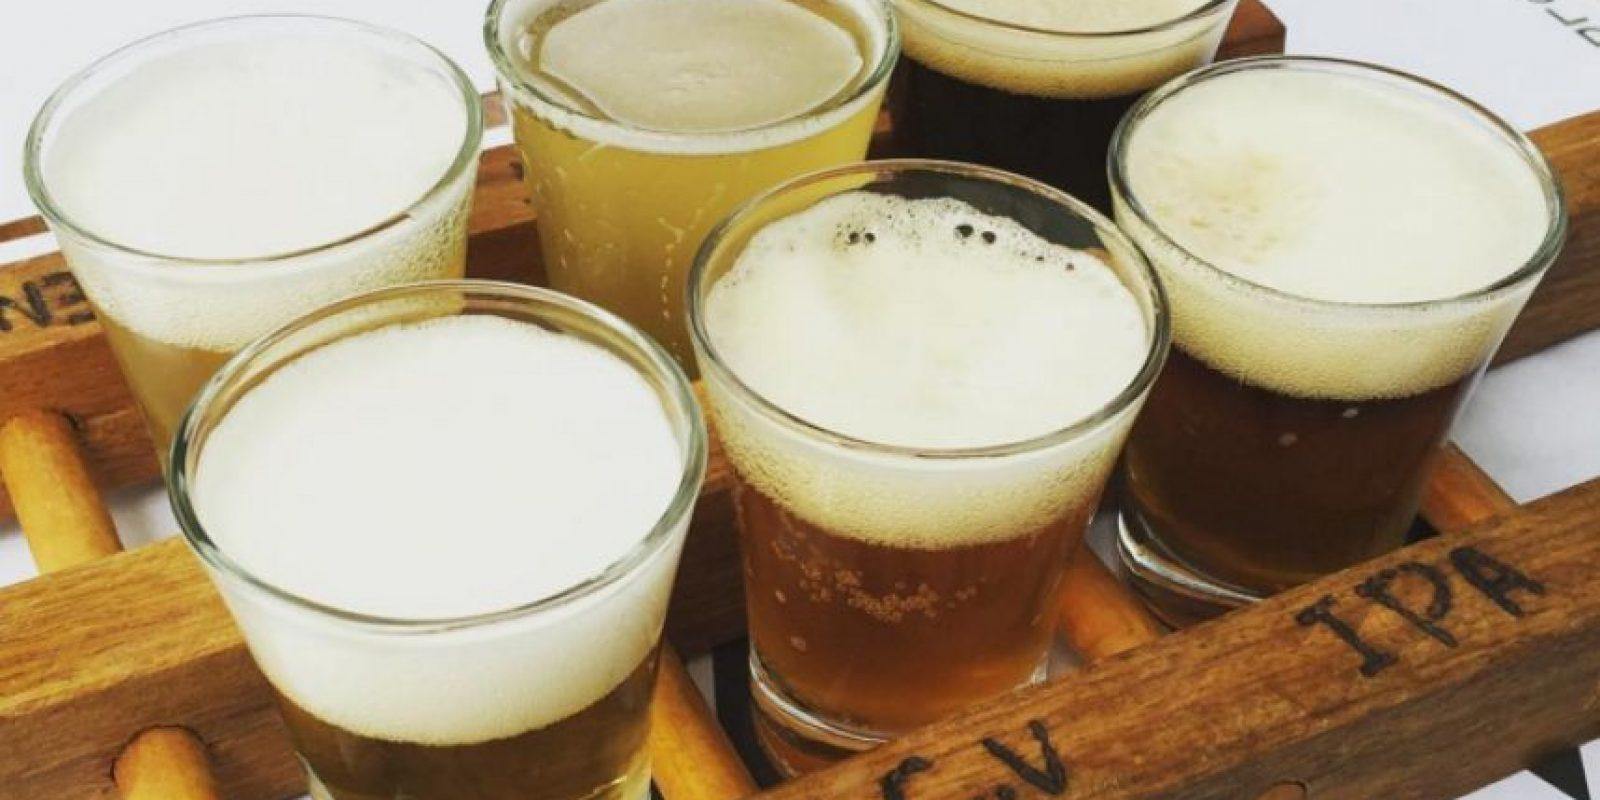 """En la """"fanzone"""" las cervezas se venden a 8 dólares y se espera que se consuman 325 millones de galones de cerveza (más de 1230 millones de litros). Foto:Vía instagram.com/explore/tags/bee"""